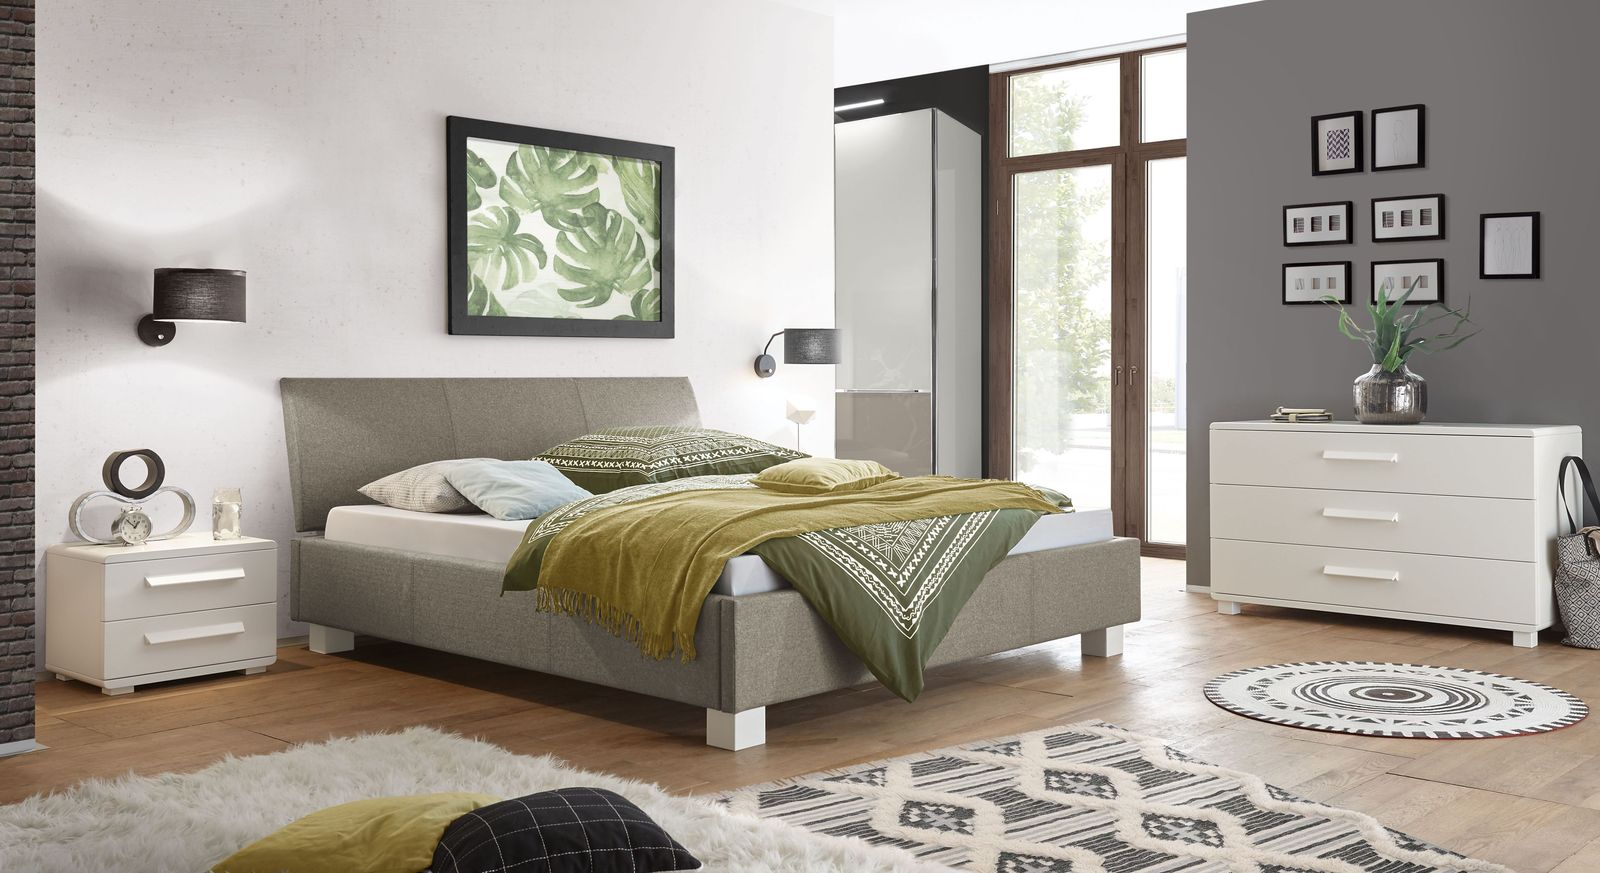 Bett Wakefield mit passenden Schlafzimmermöbeln